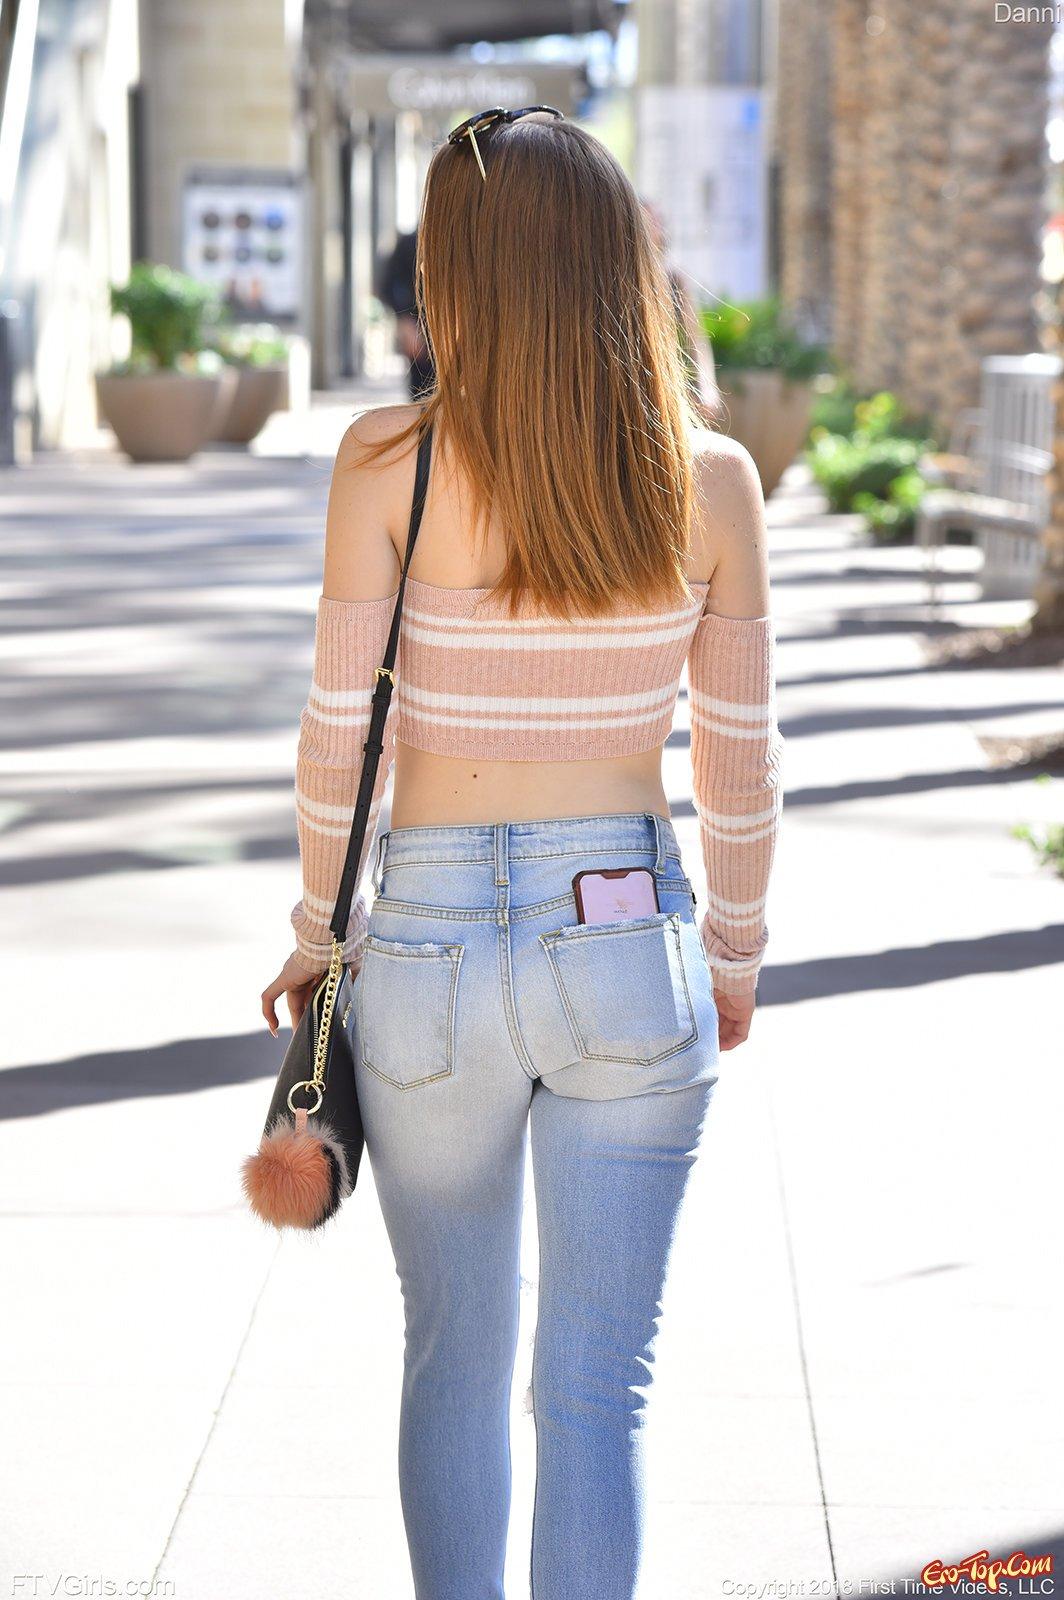 Девушка в рваных джинсах оголяет маленькие сиськи